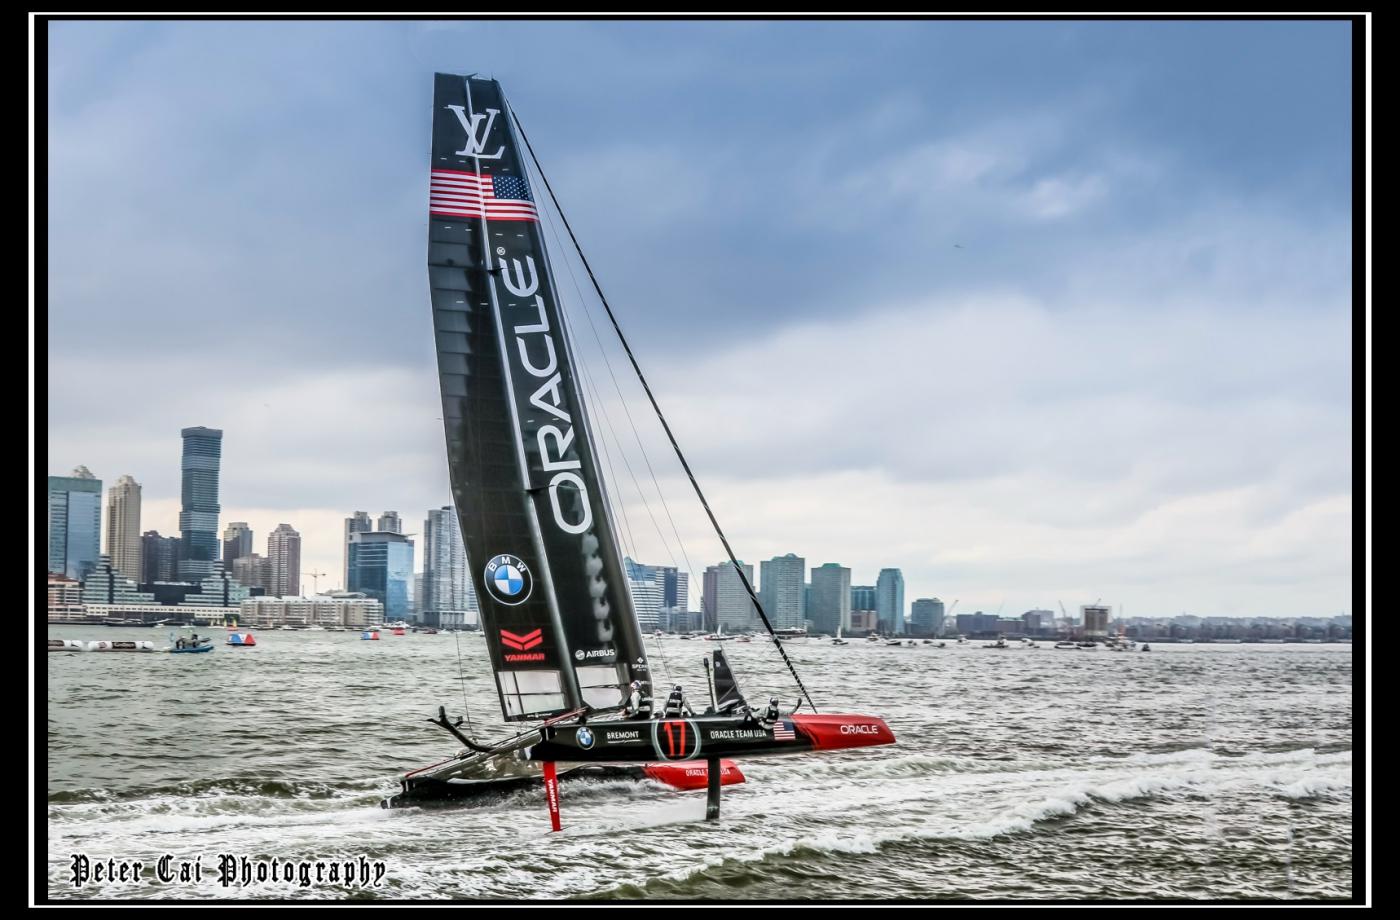 美洲杯LV之路易斯威登杯帆船赛 现场_图1-18